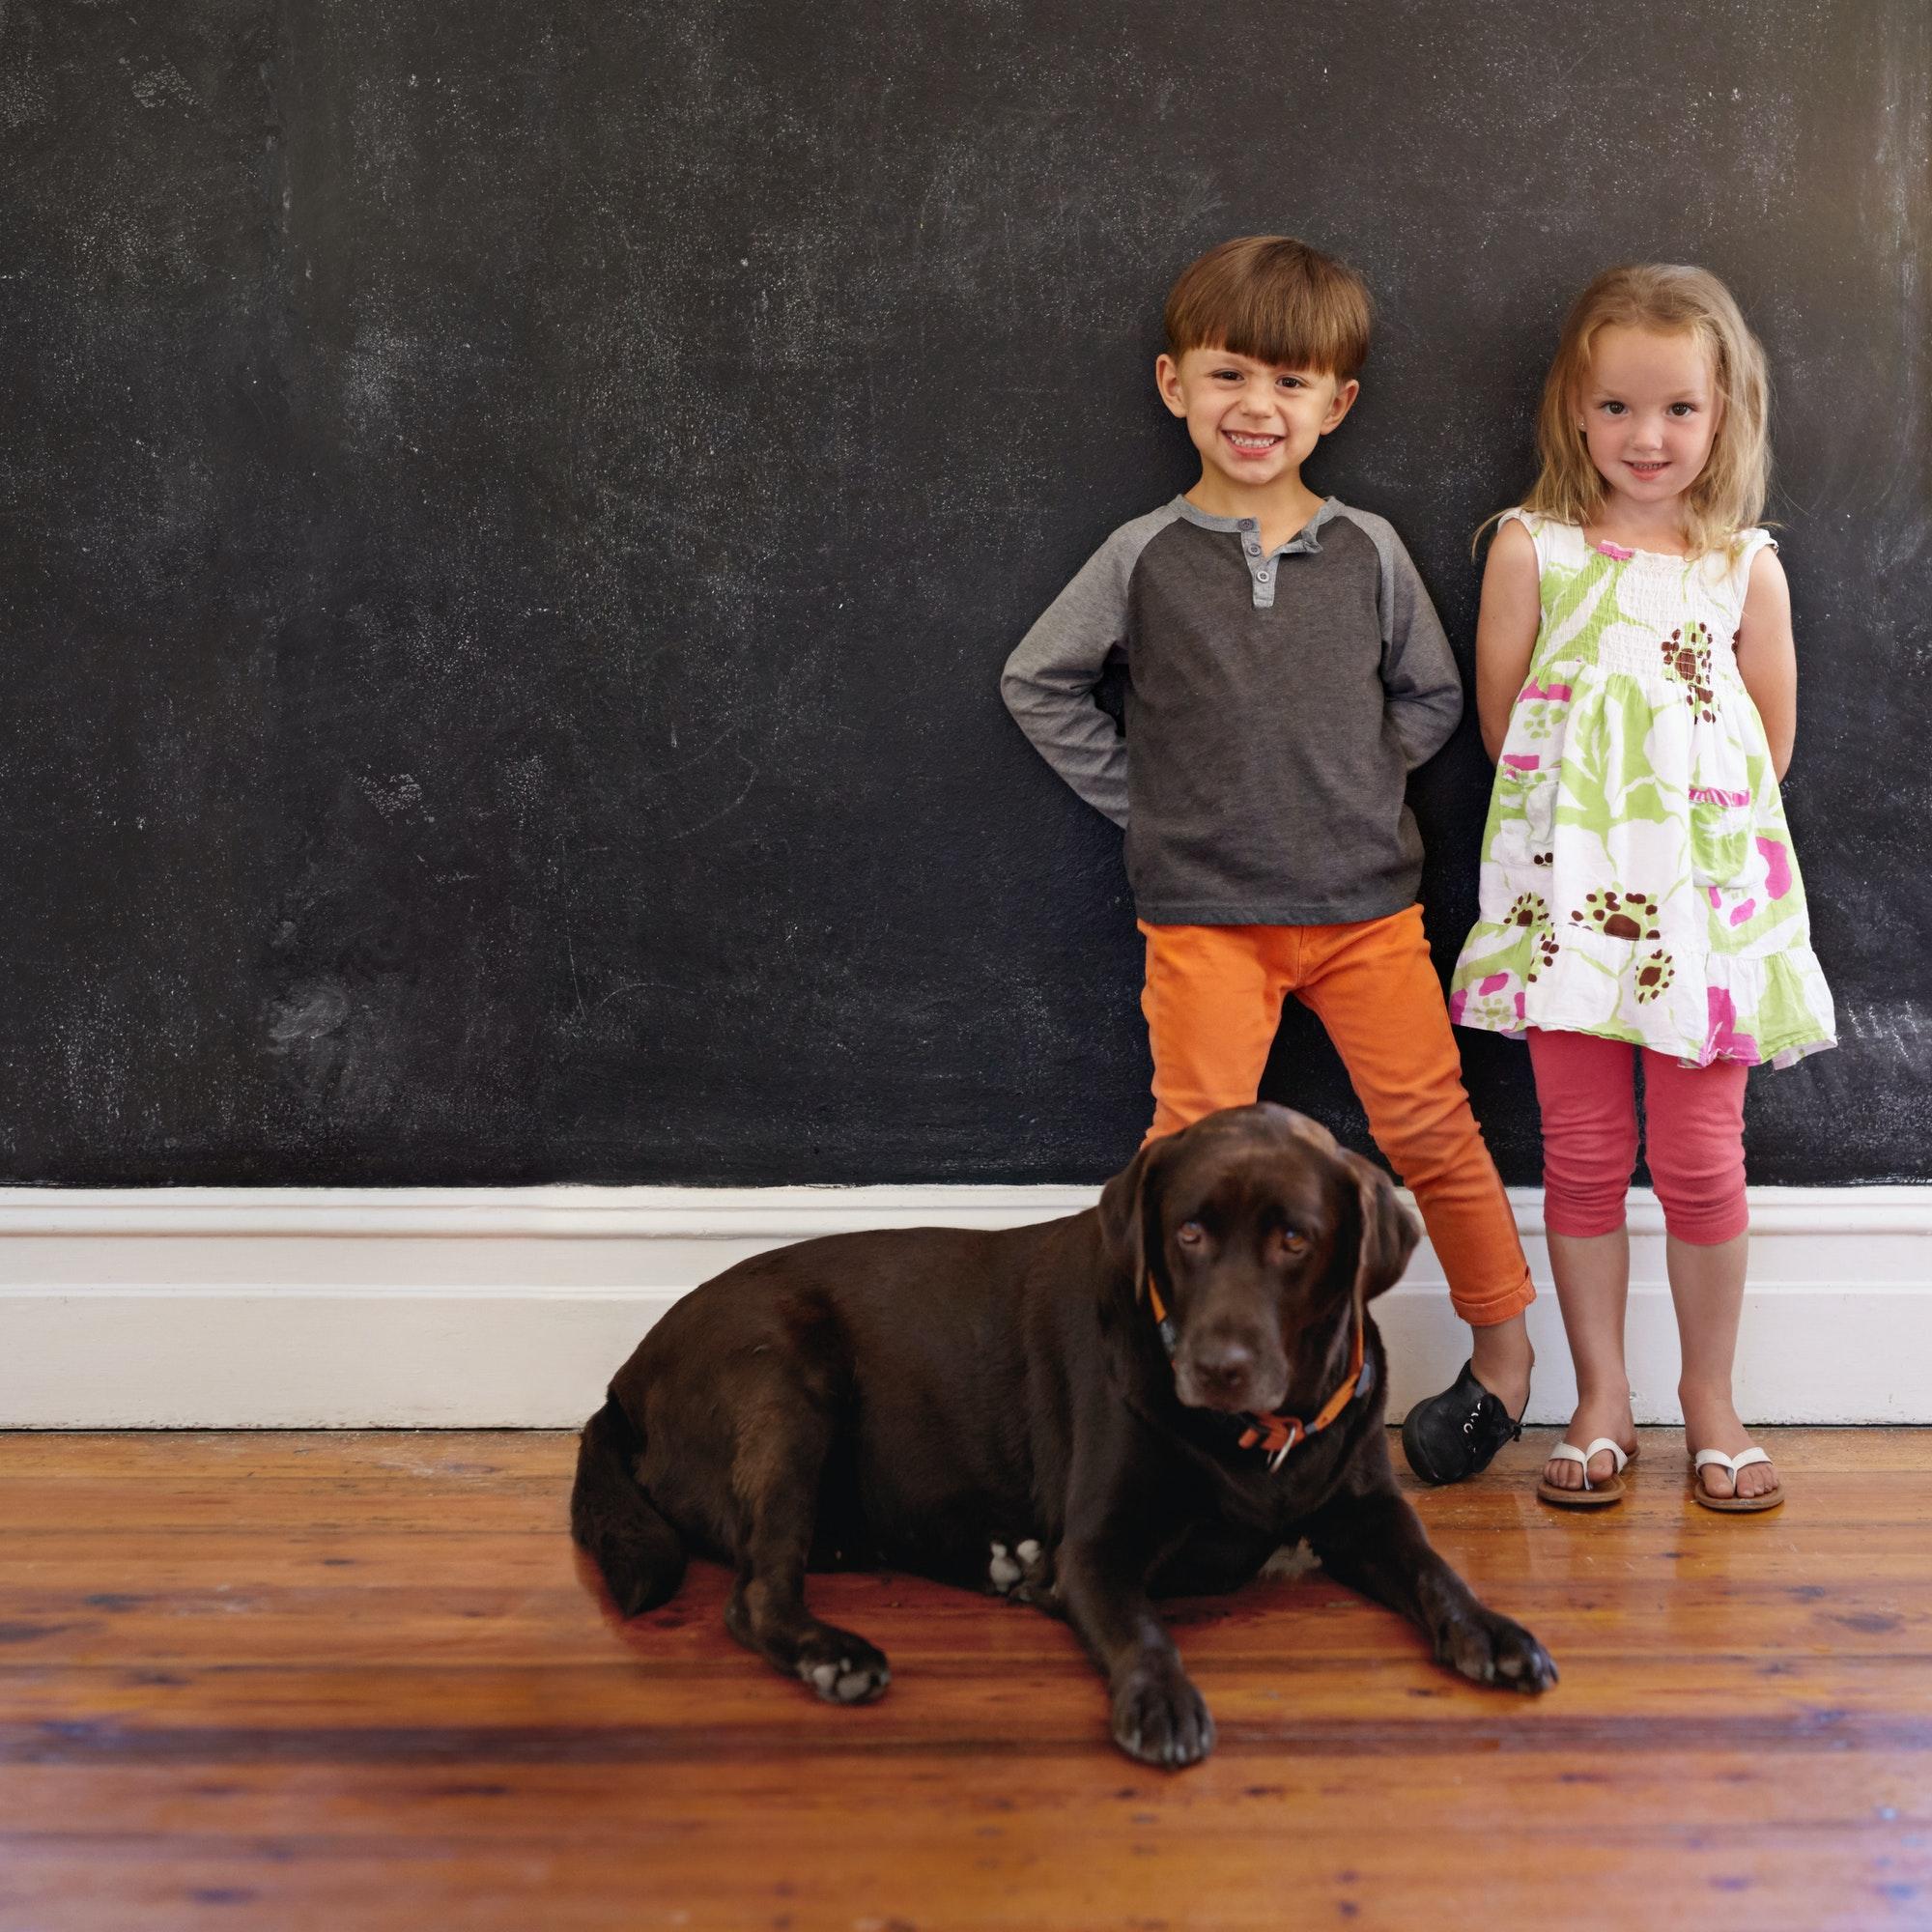 Søger du Hundetræning Hvidovre eller Hvalpetræning Hvidovre - privat eller holdtræning? Læs mere om Hunde-Livs hundetræner i Hvidovre her